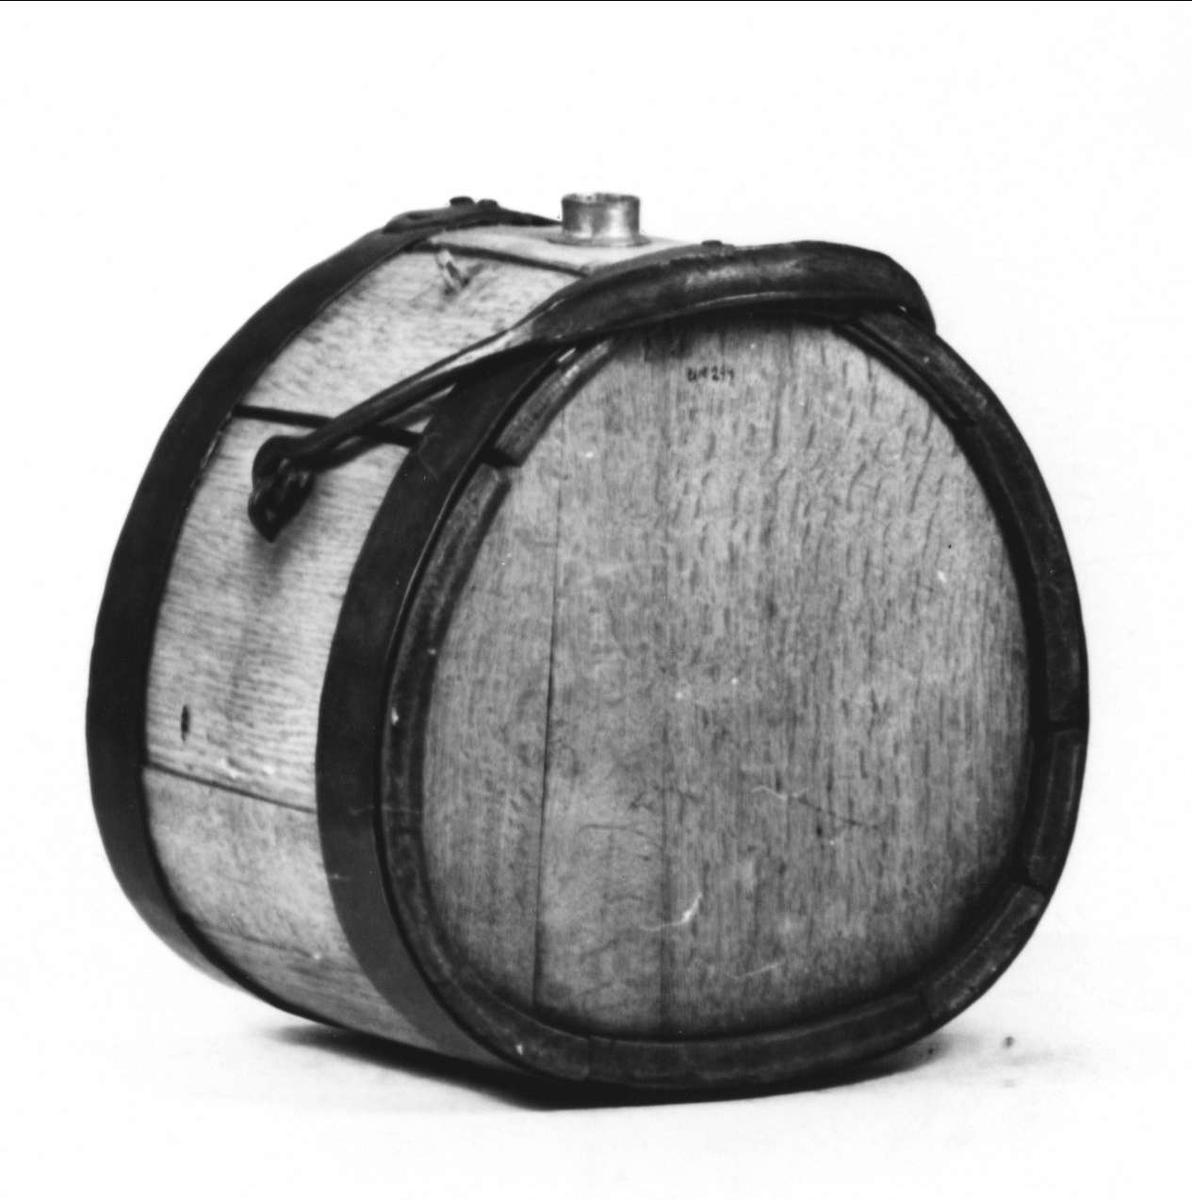 Flaska av trä med band av järn och hank i gott skick. Mynning av tenn. Intill denna liten öppning med träpropp.